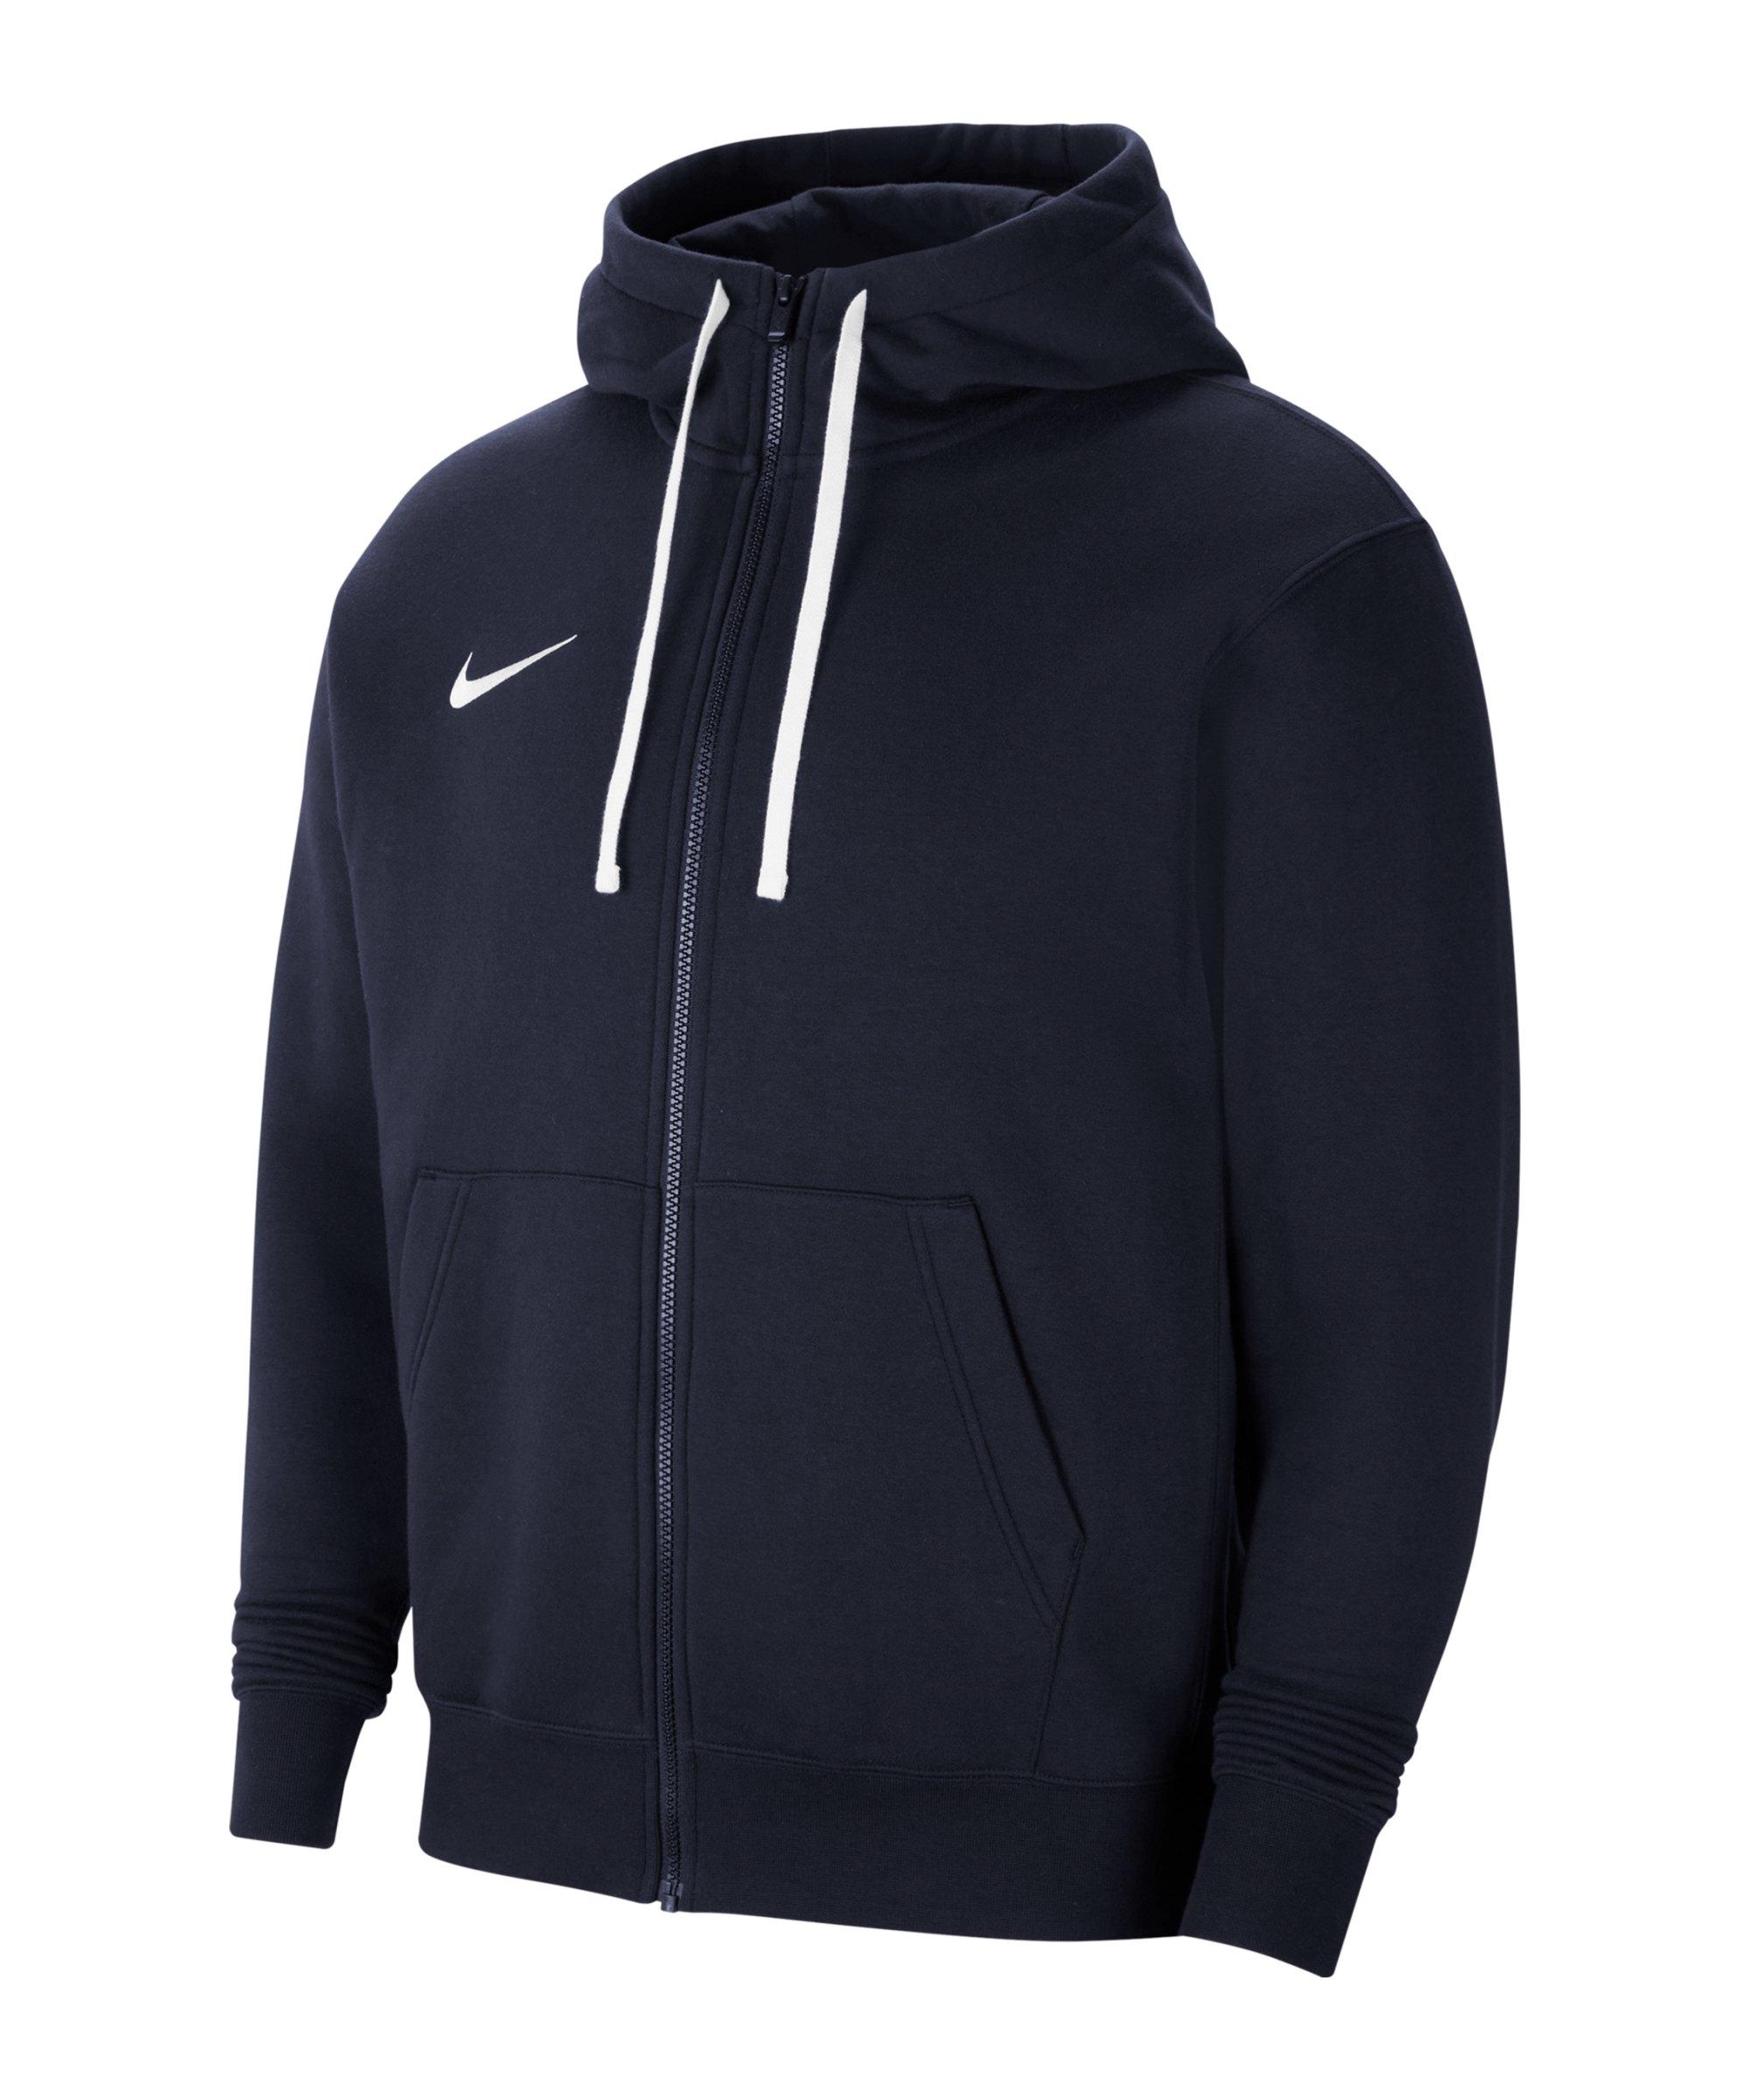 Nike Park 20 Fleece Kapuzenjacke Blau F451 - blau